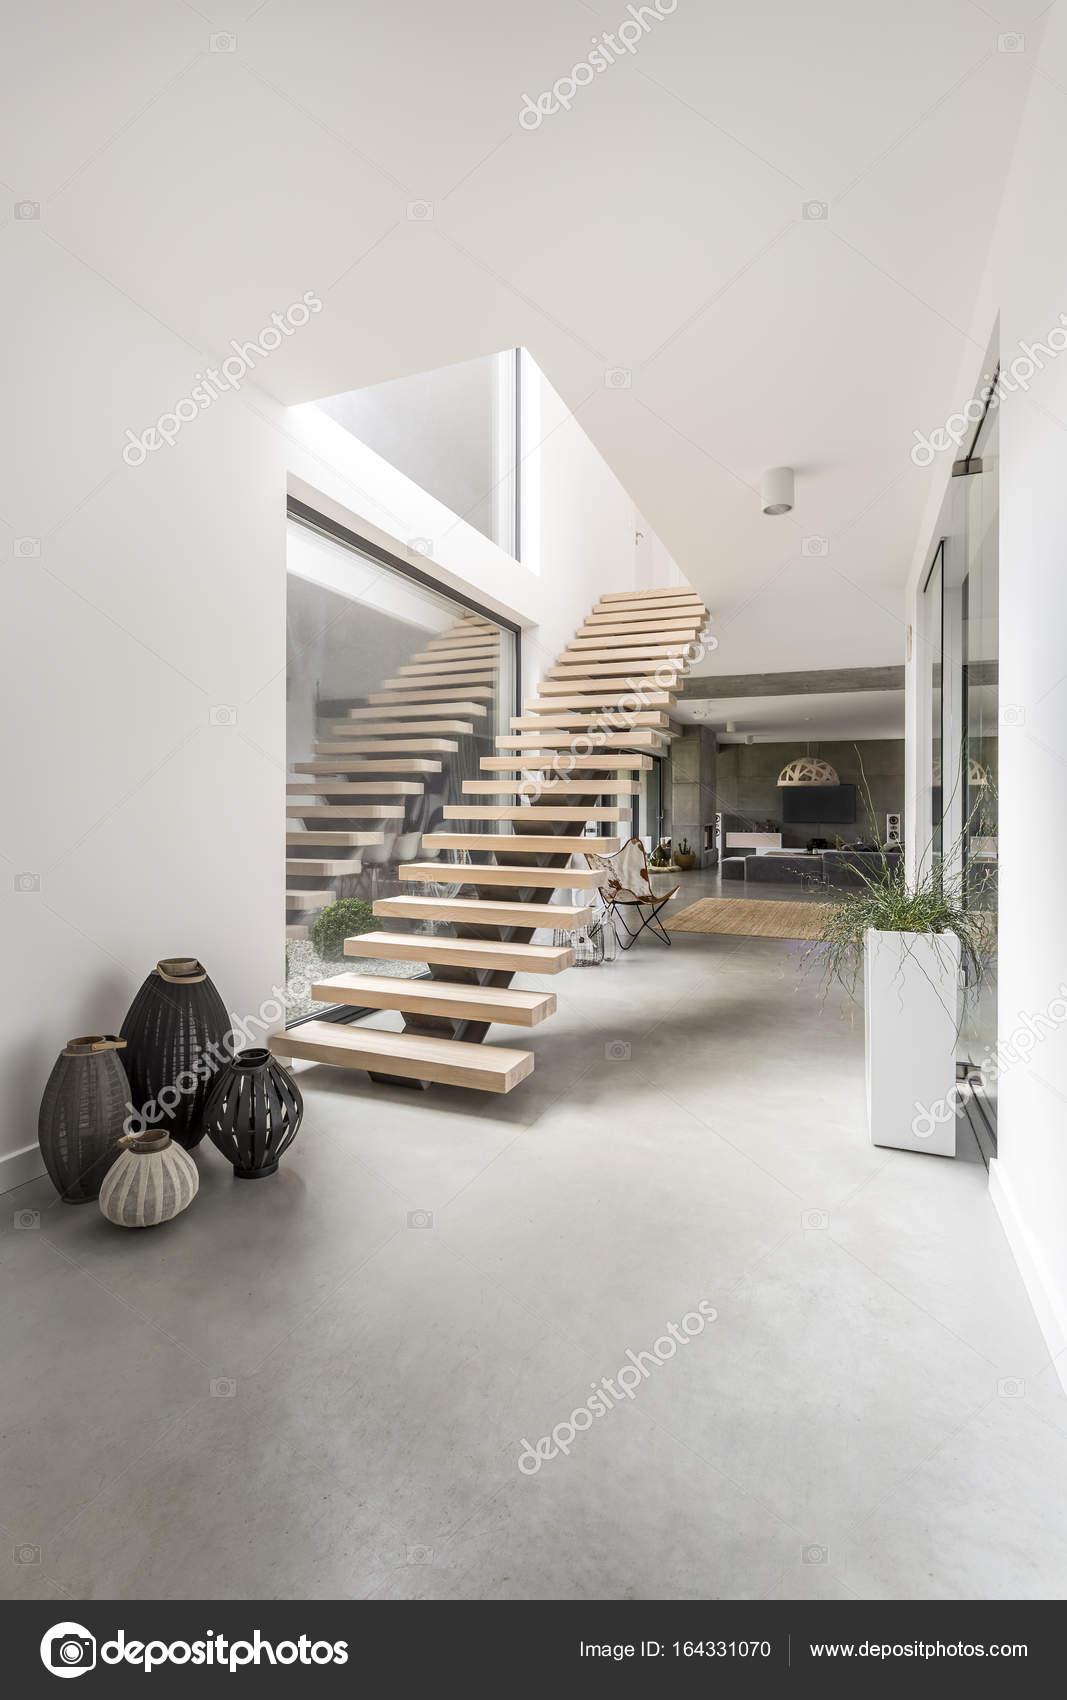 escalier dans une villa minimaliste photographie 164331070. Black Bedroom Furniture Sets. Home Design Ideas